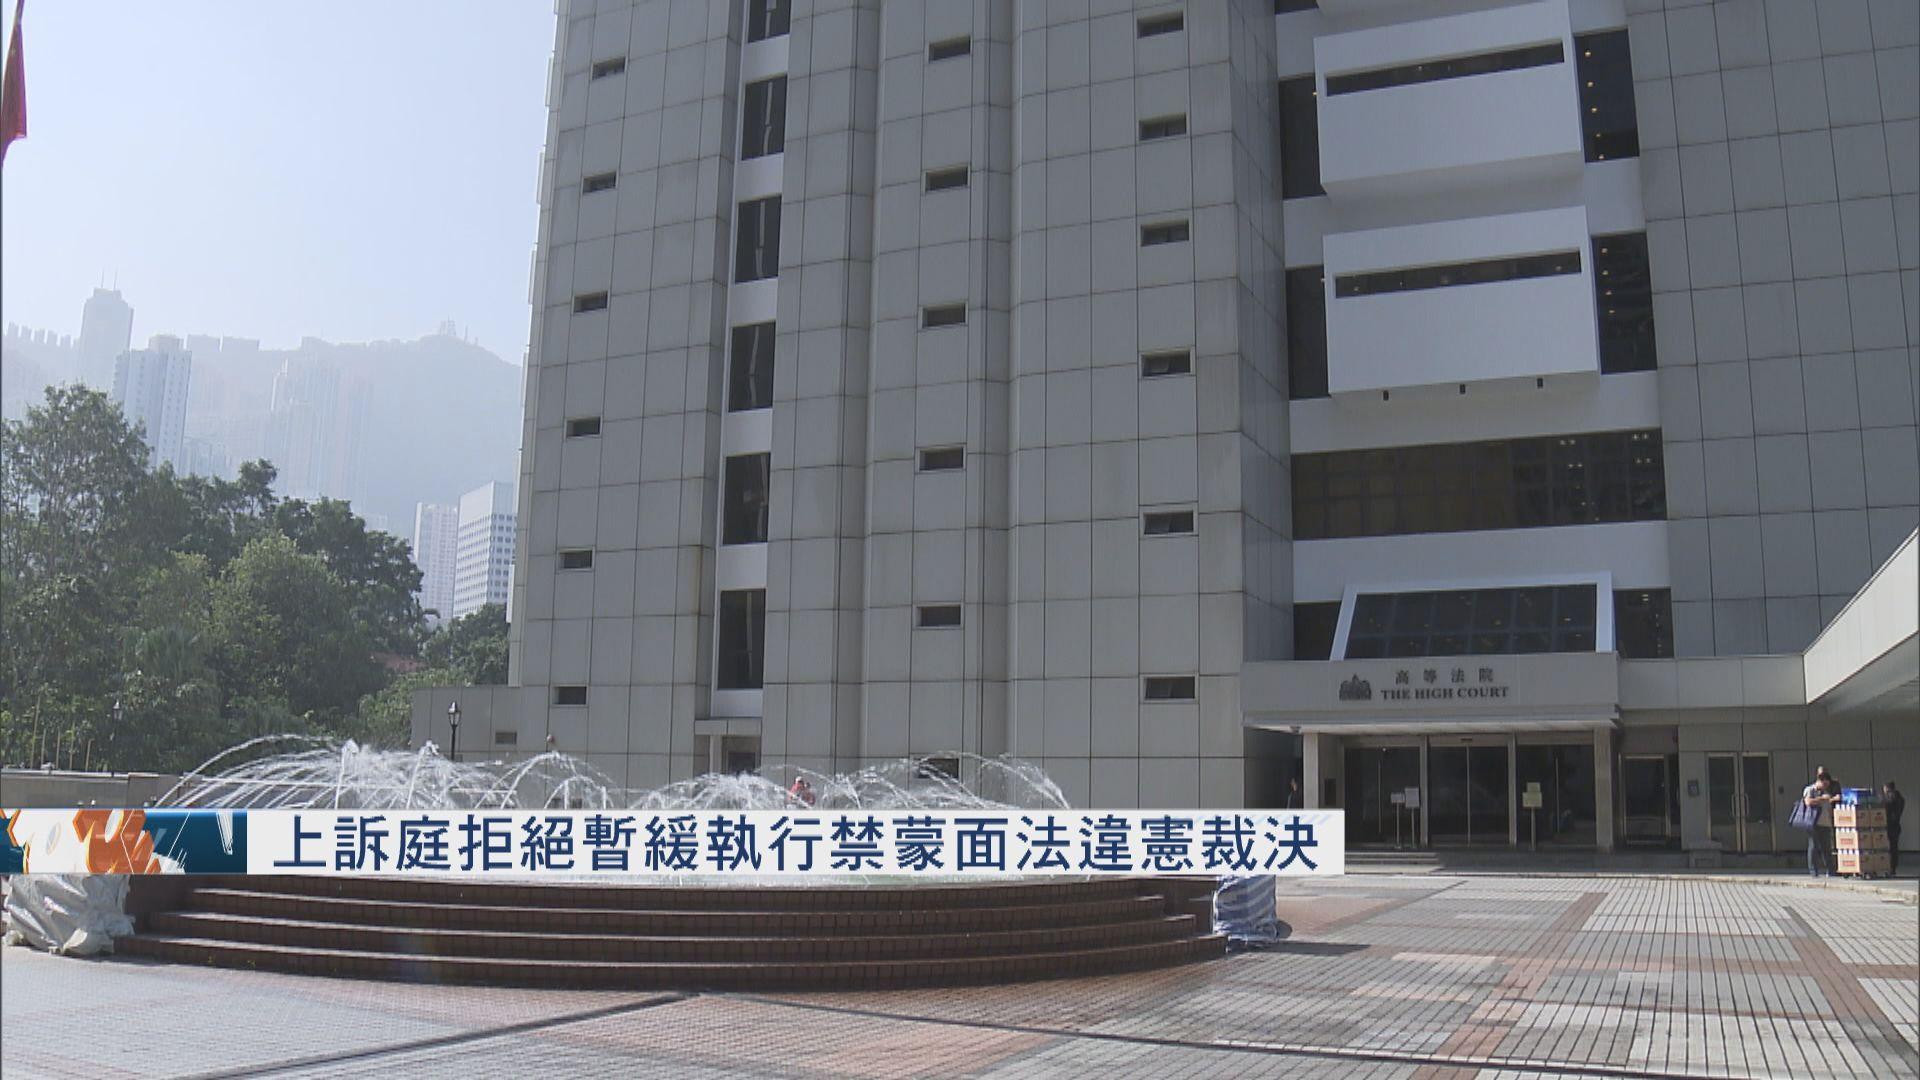 上訴庭拒絕政府暫緩令申請 禁蒙面法即日失效